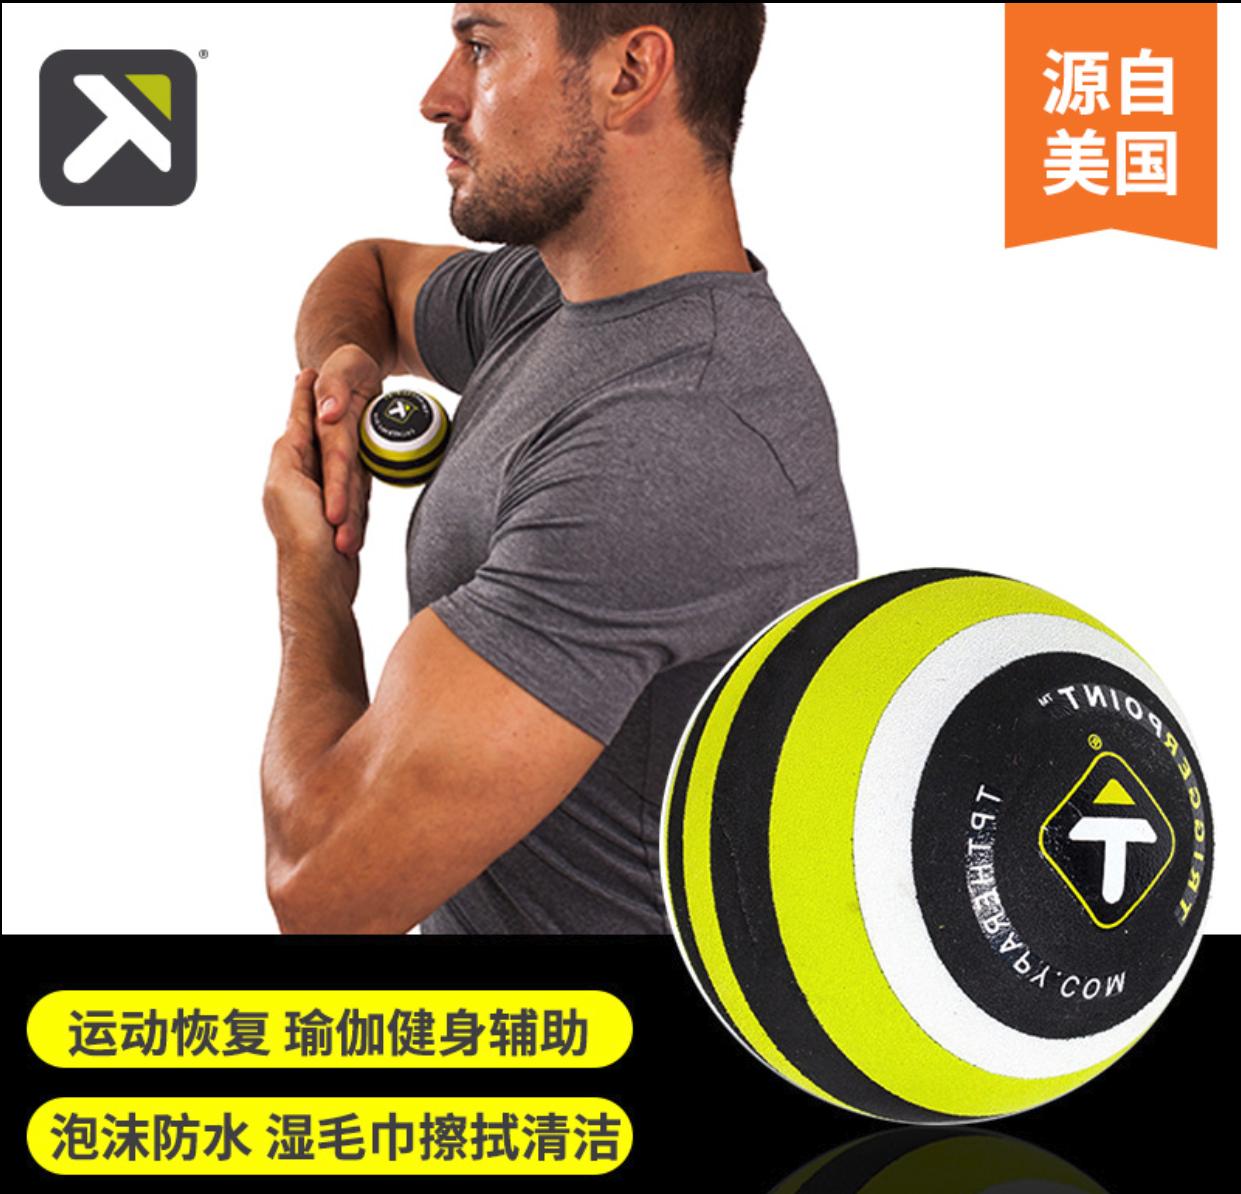 美国健身球Trigger Point MB1小号按摩球瑜伽球波速球大龙球防水